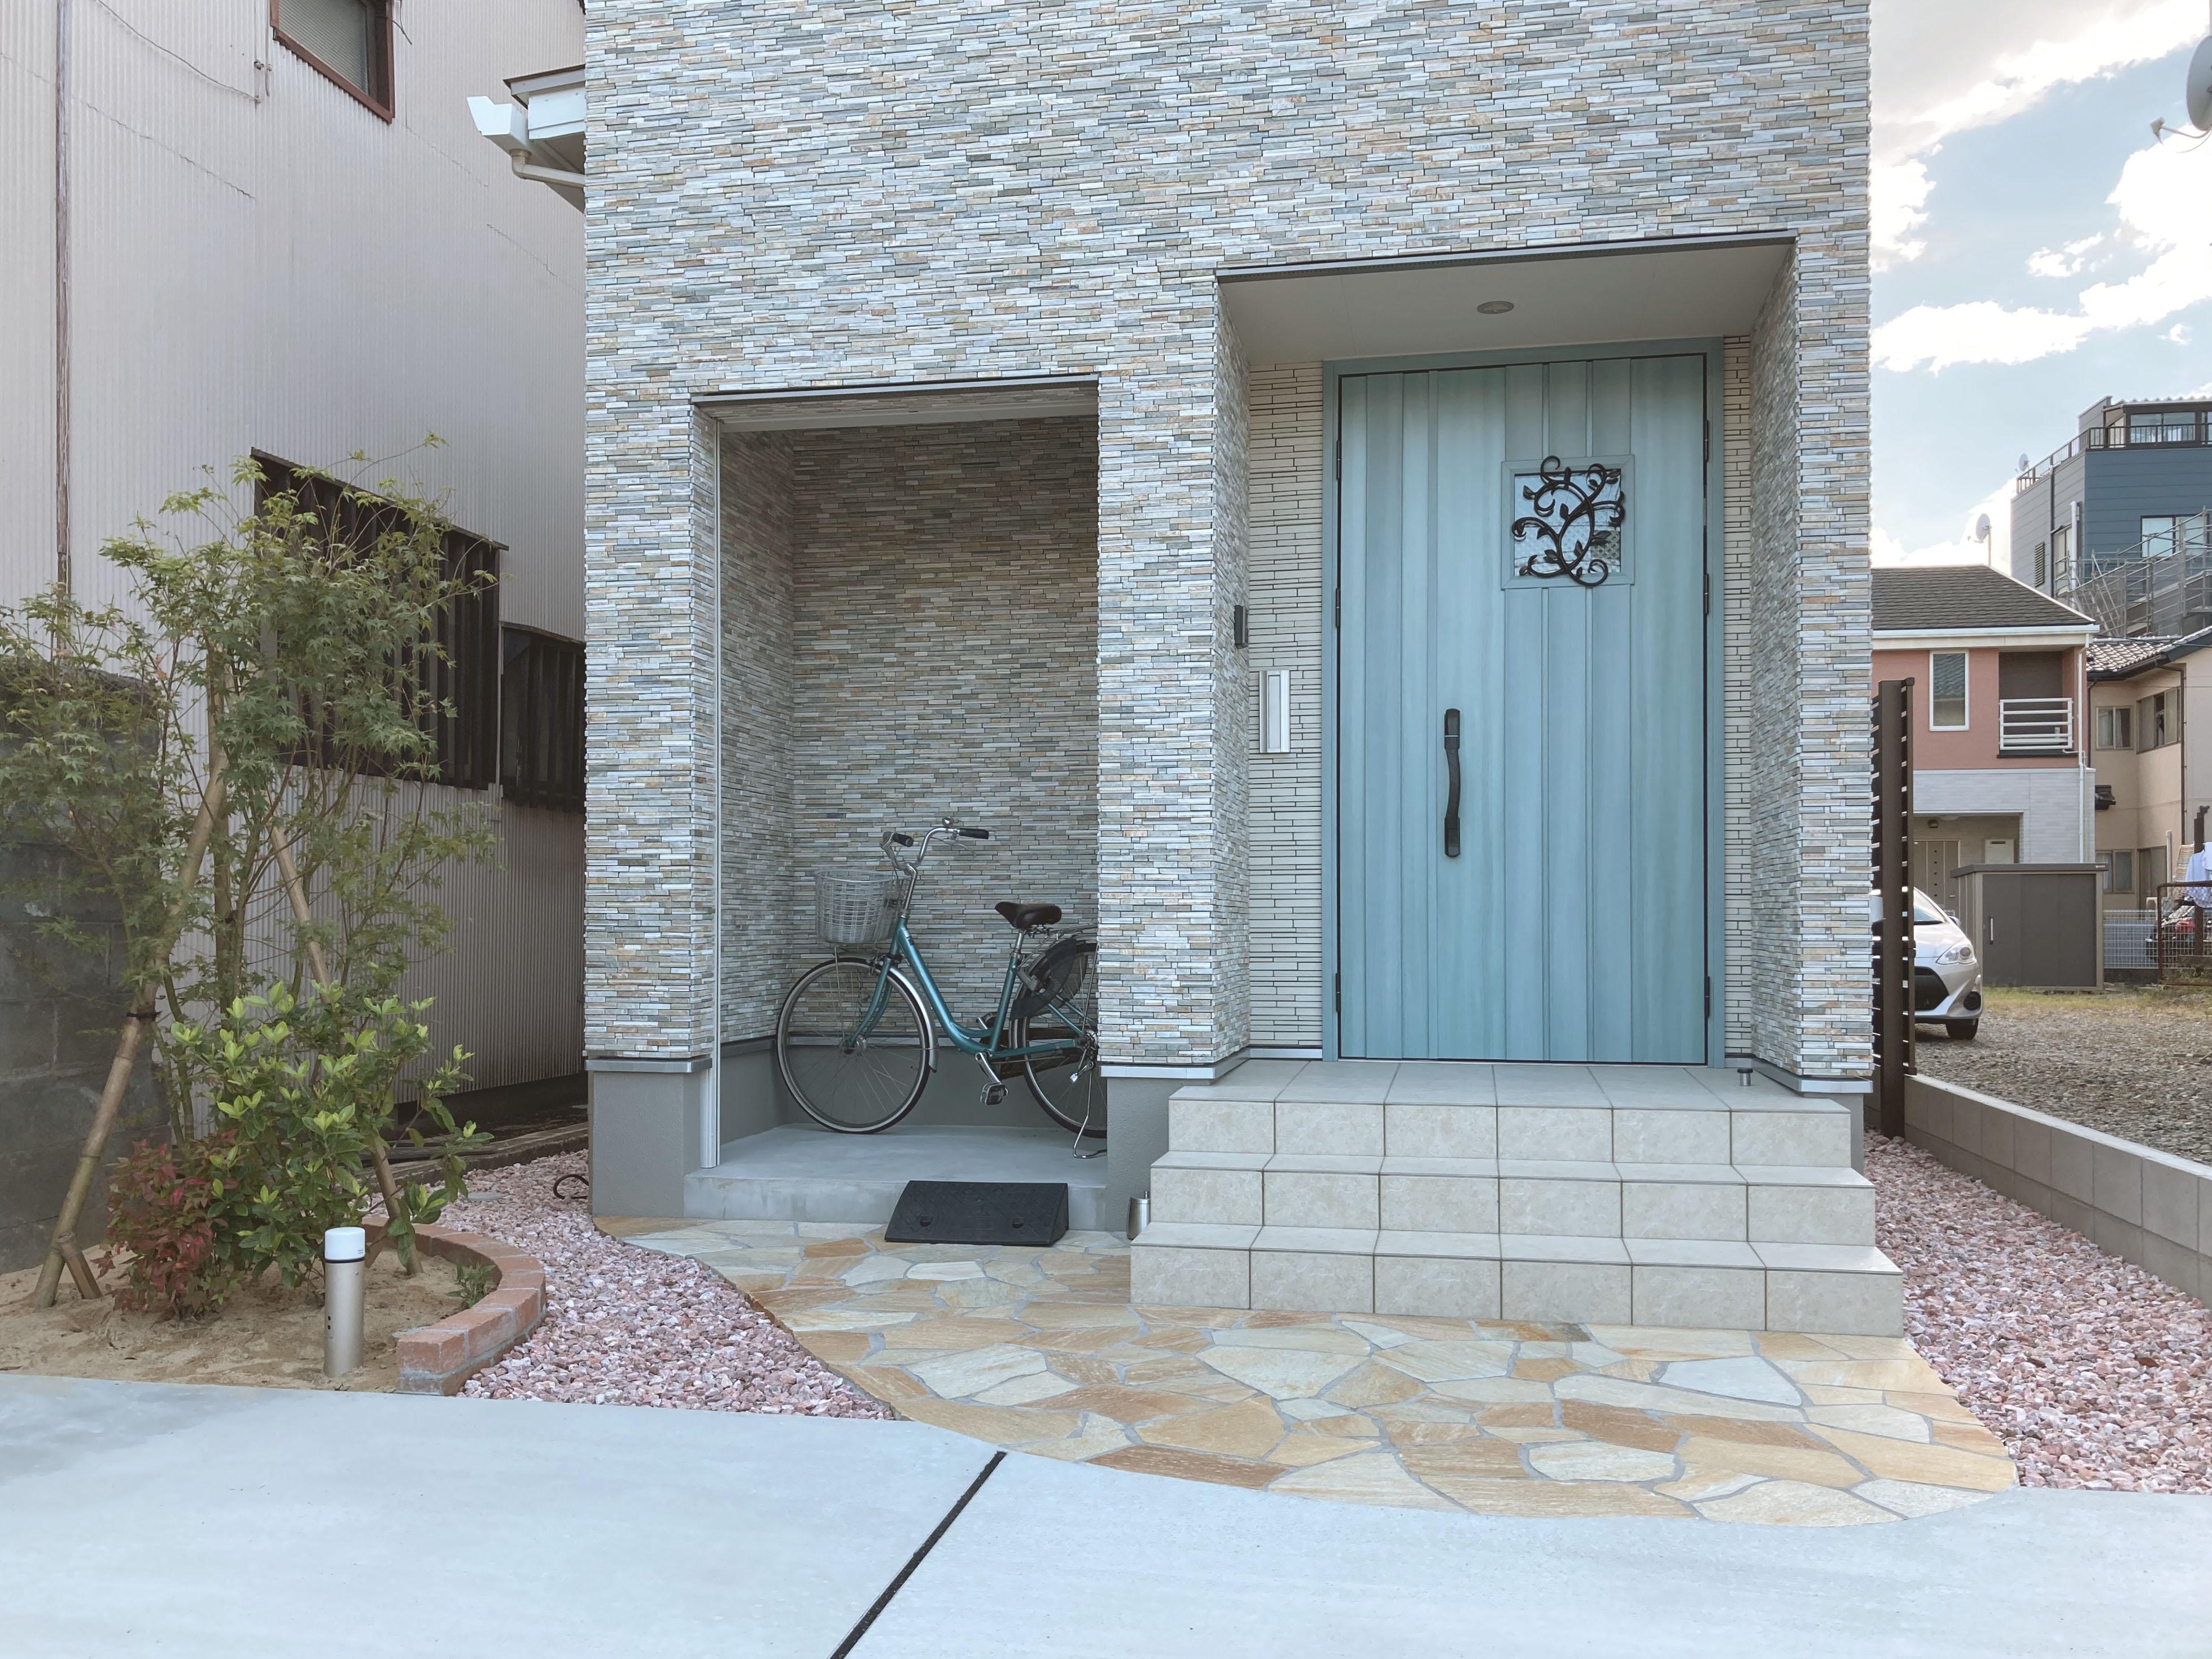 新築外構工事 かわいらしいお家にピッタリの外構ご提案しました。